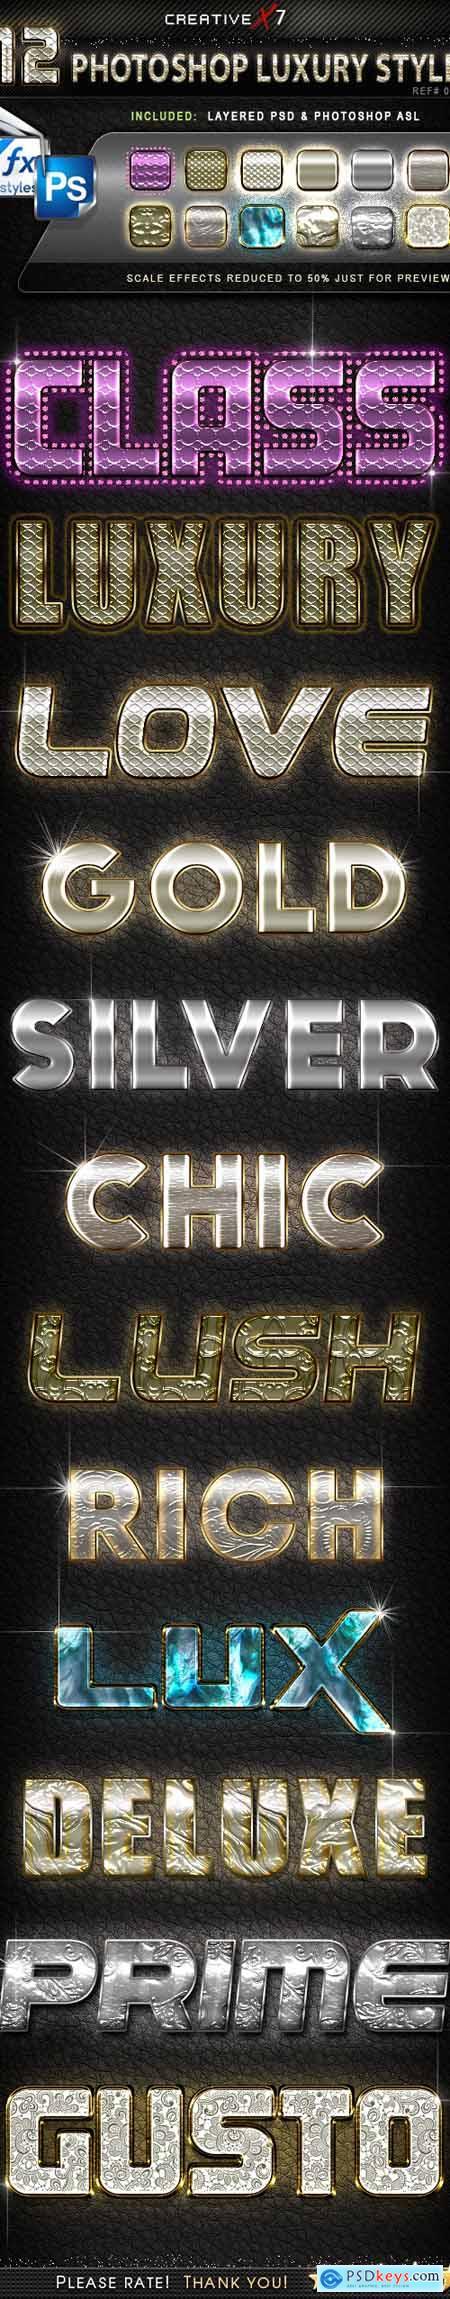 CreativeX7 - 12 Photoshop Luxury Styles 24850944